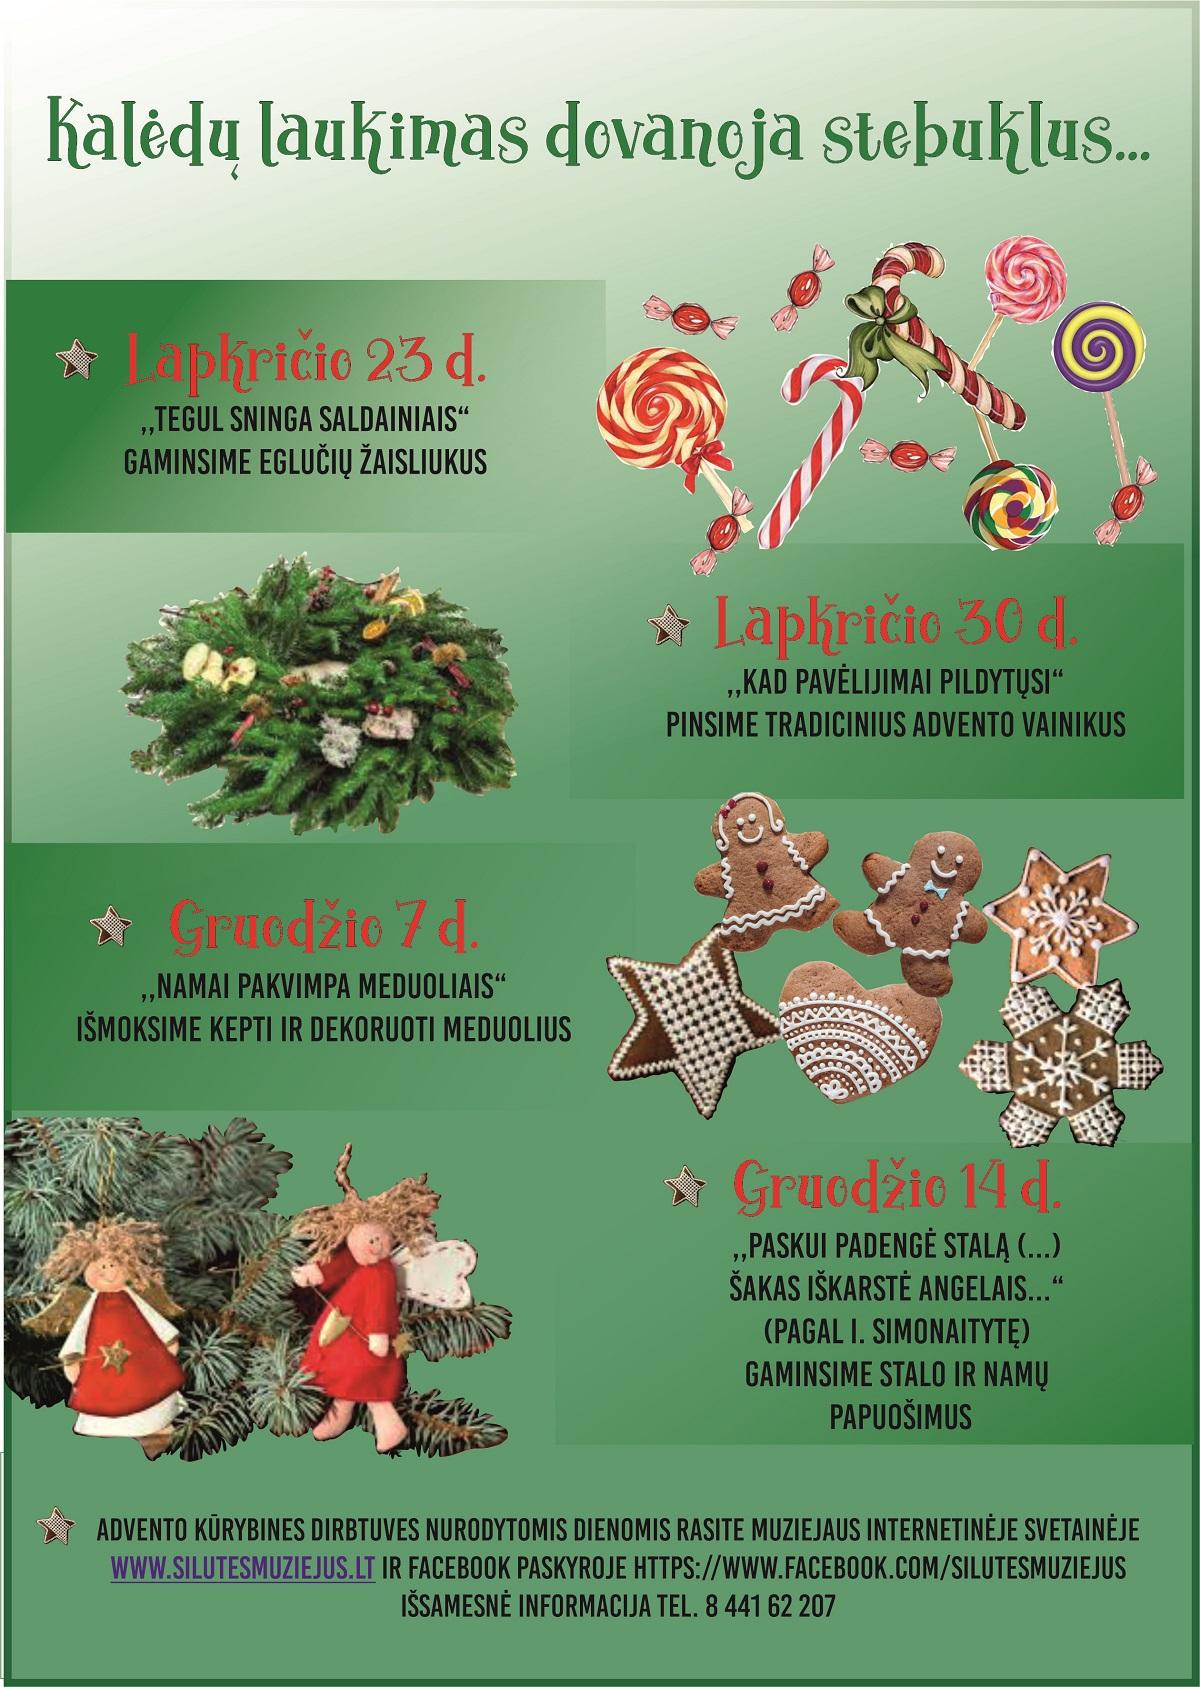 Kalėdų laukimas dovanoja stebuklus…